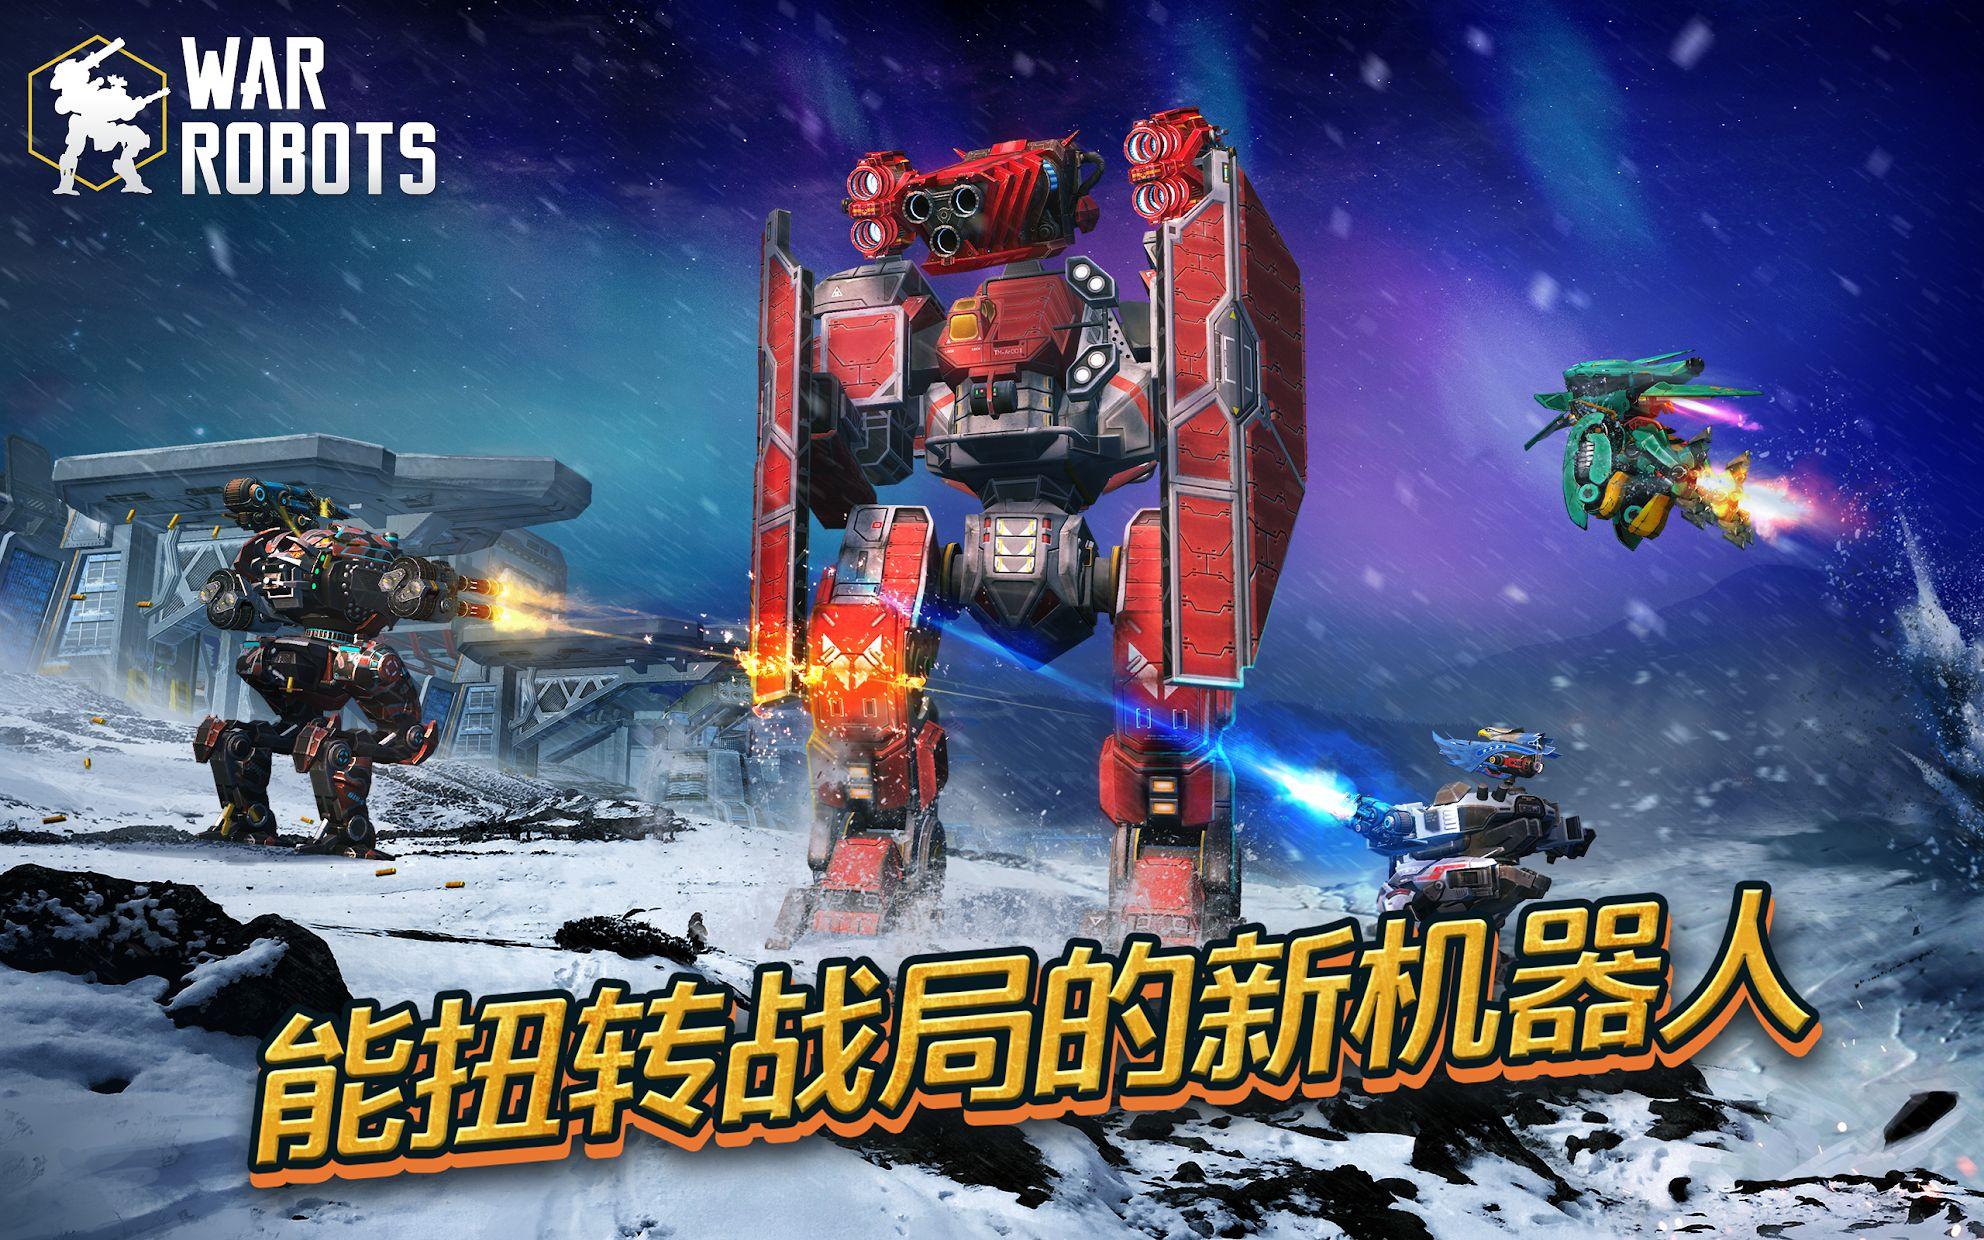 机器人战争(War Robots) 游戏截图1